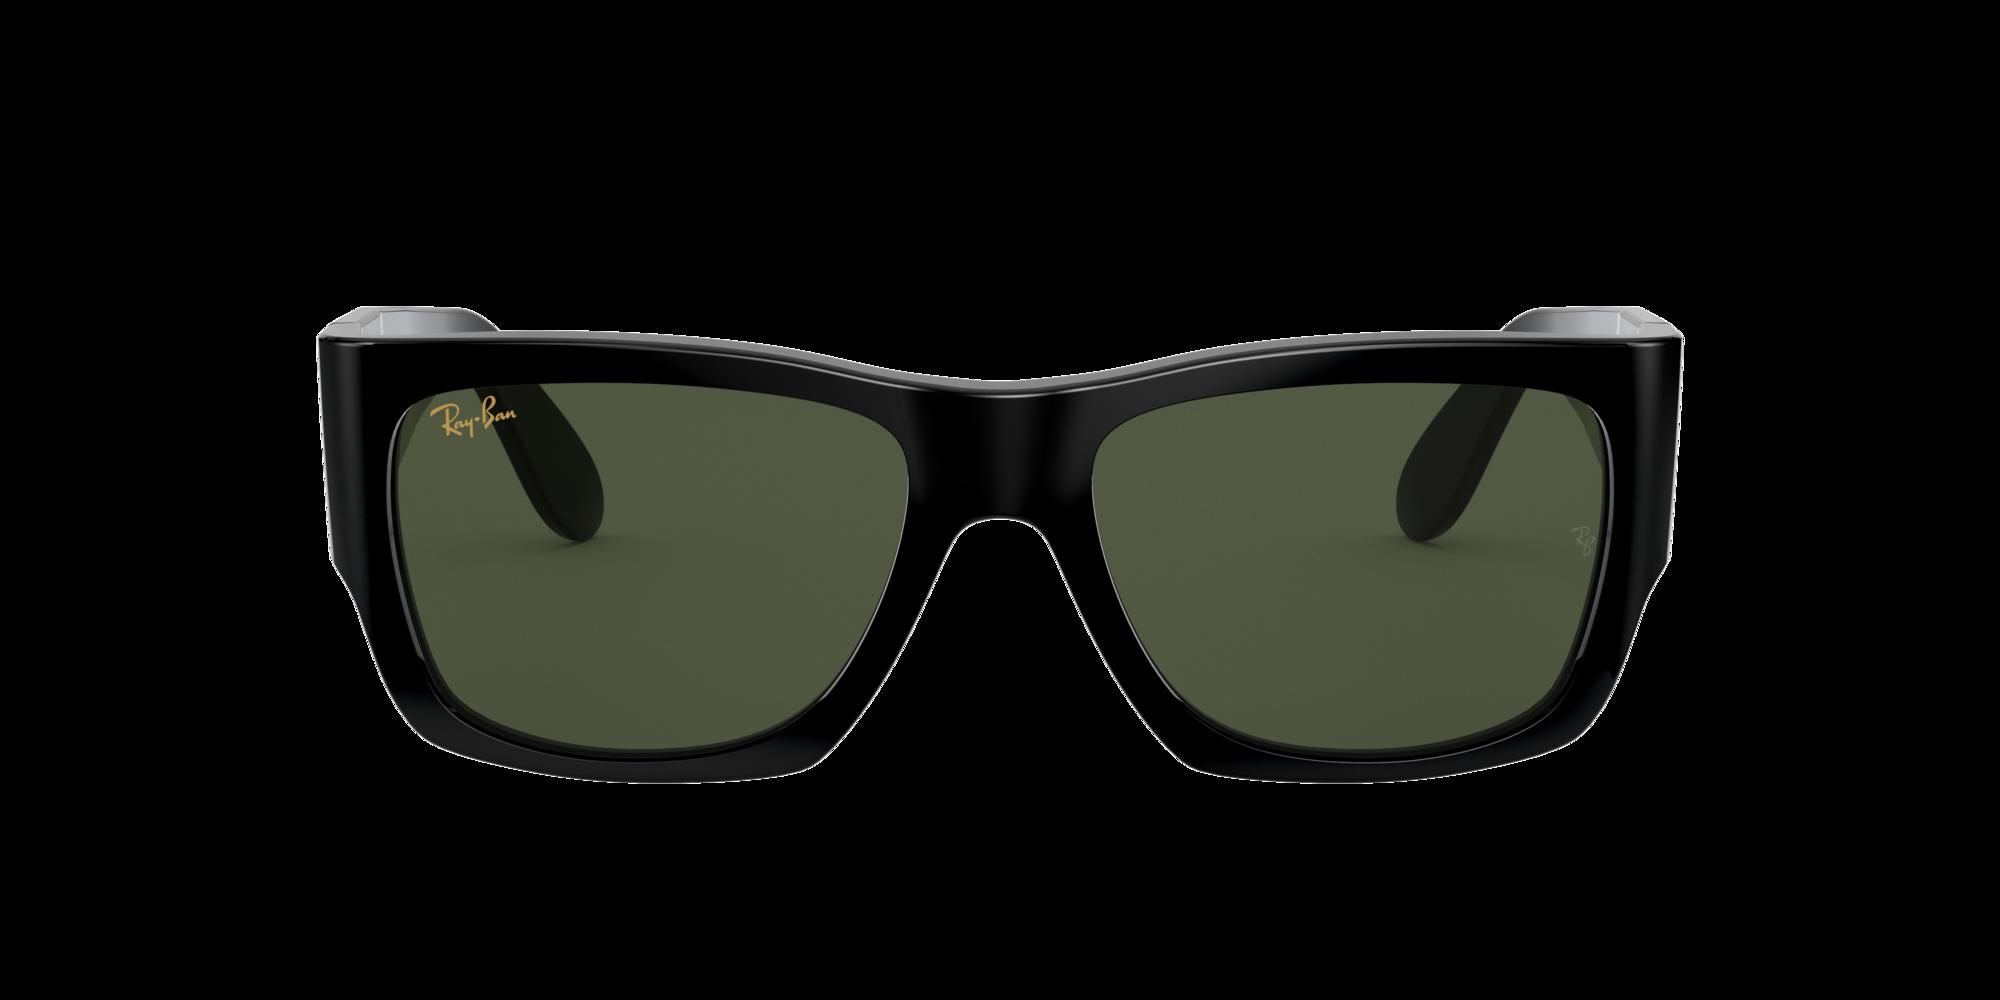 Imagen para WAYFARER NOMAD de LensCrafters |  Espejuelos, espejuelos graduados en línea, gafas